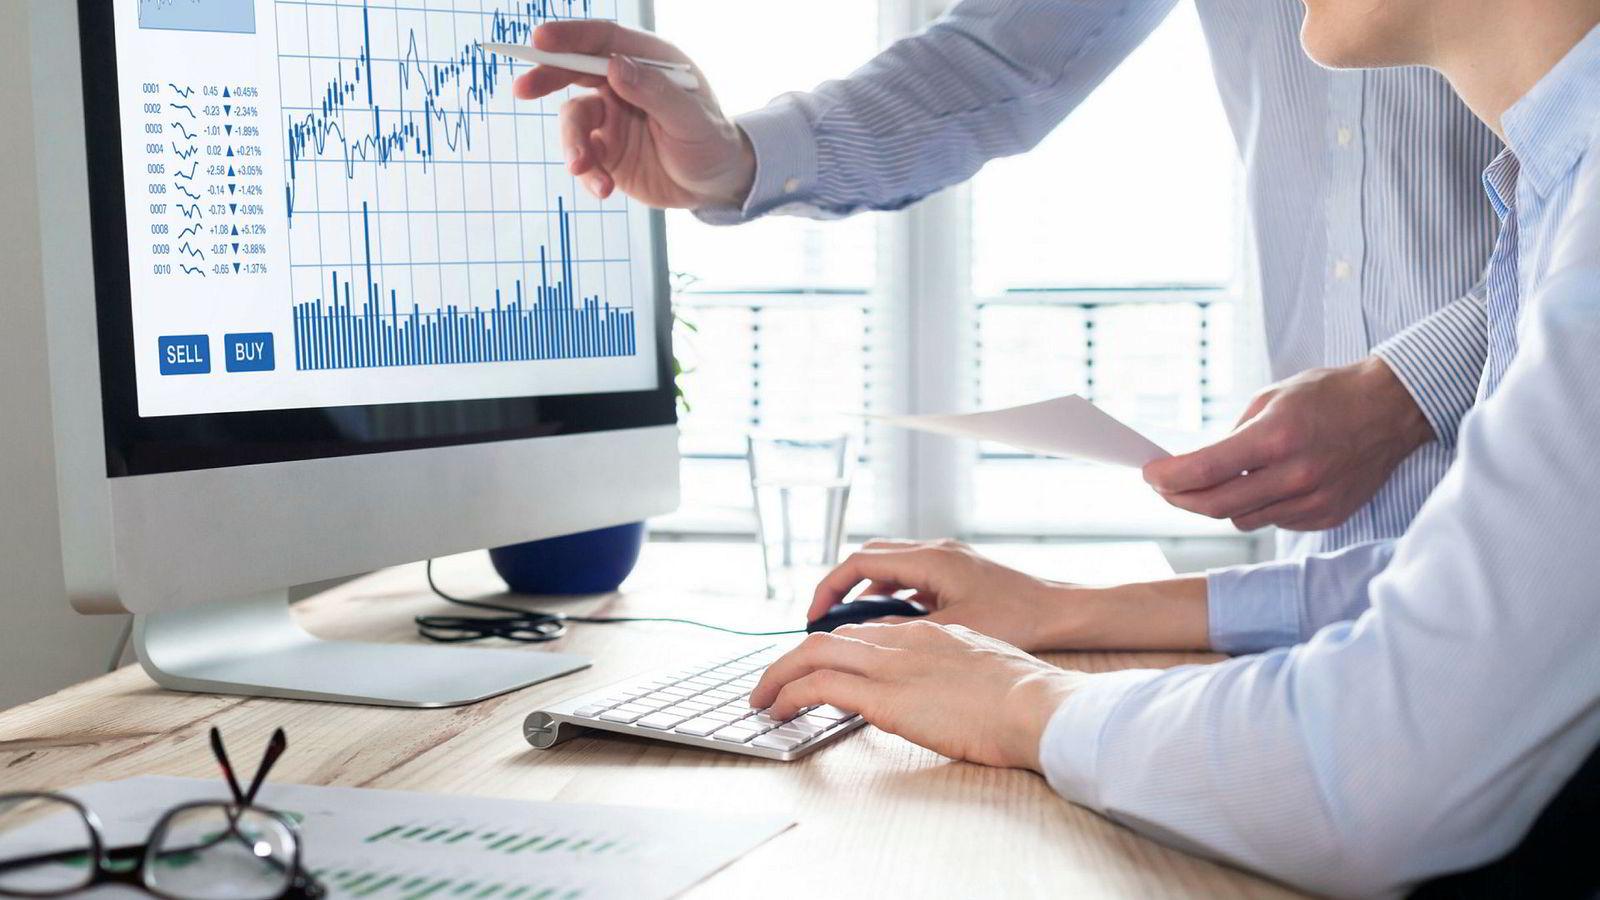 Hvordan kan ledere best manøvrere når flere beslutninger tas på bakgrunn av data og algoritmer i stedet for menneskelig erfaring og intuisjon?